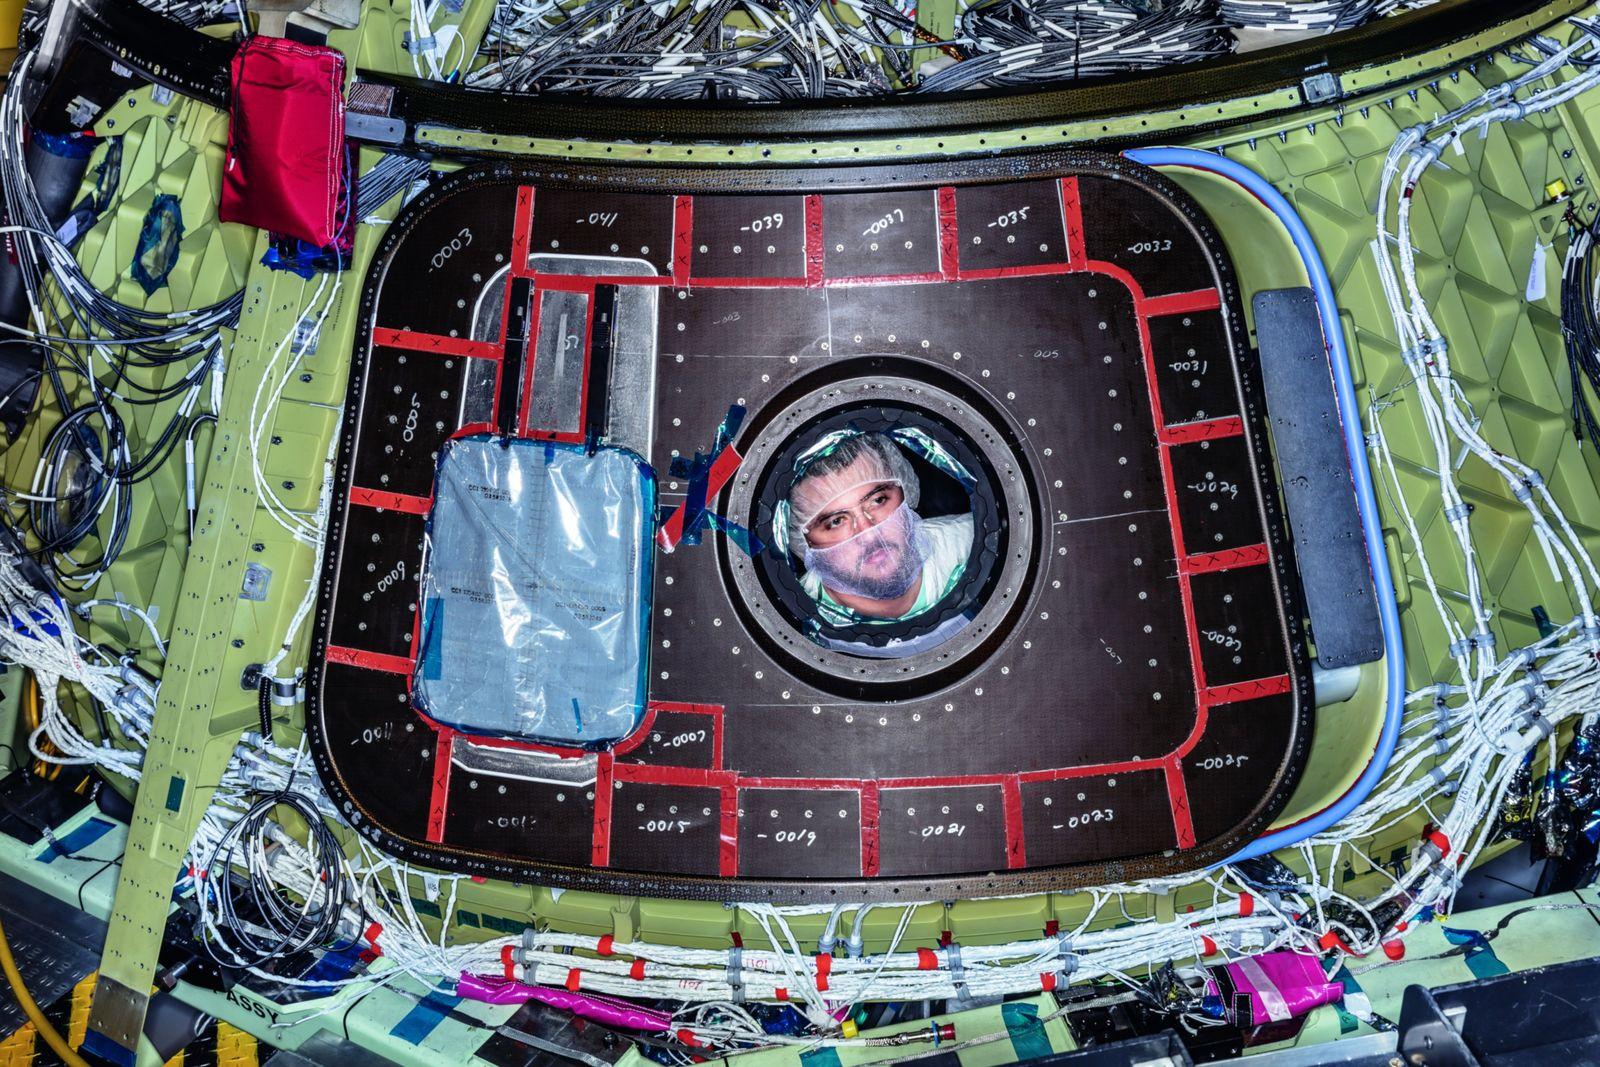 Habiter l'espace : un rêve impossible ?